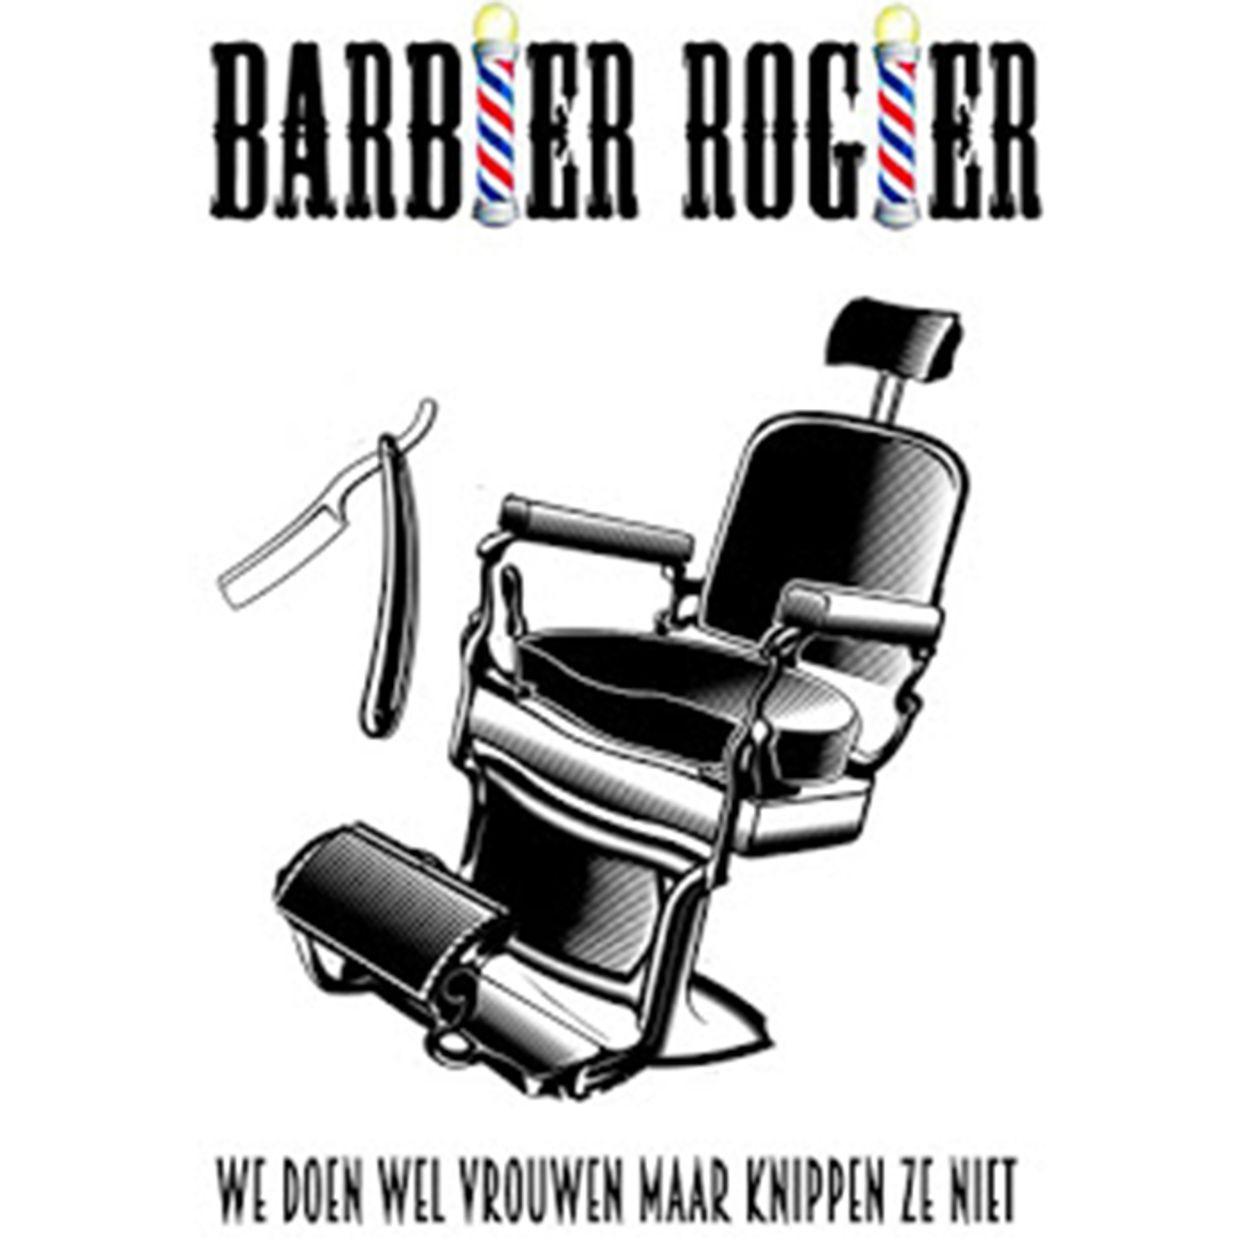 We doen wel vrouwen maar knippen ze niet - Barbier Rogier